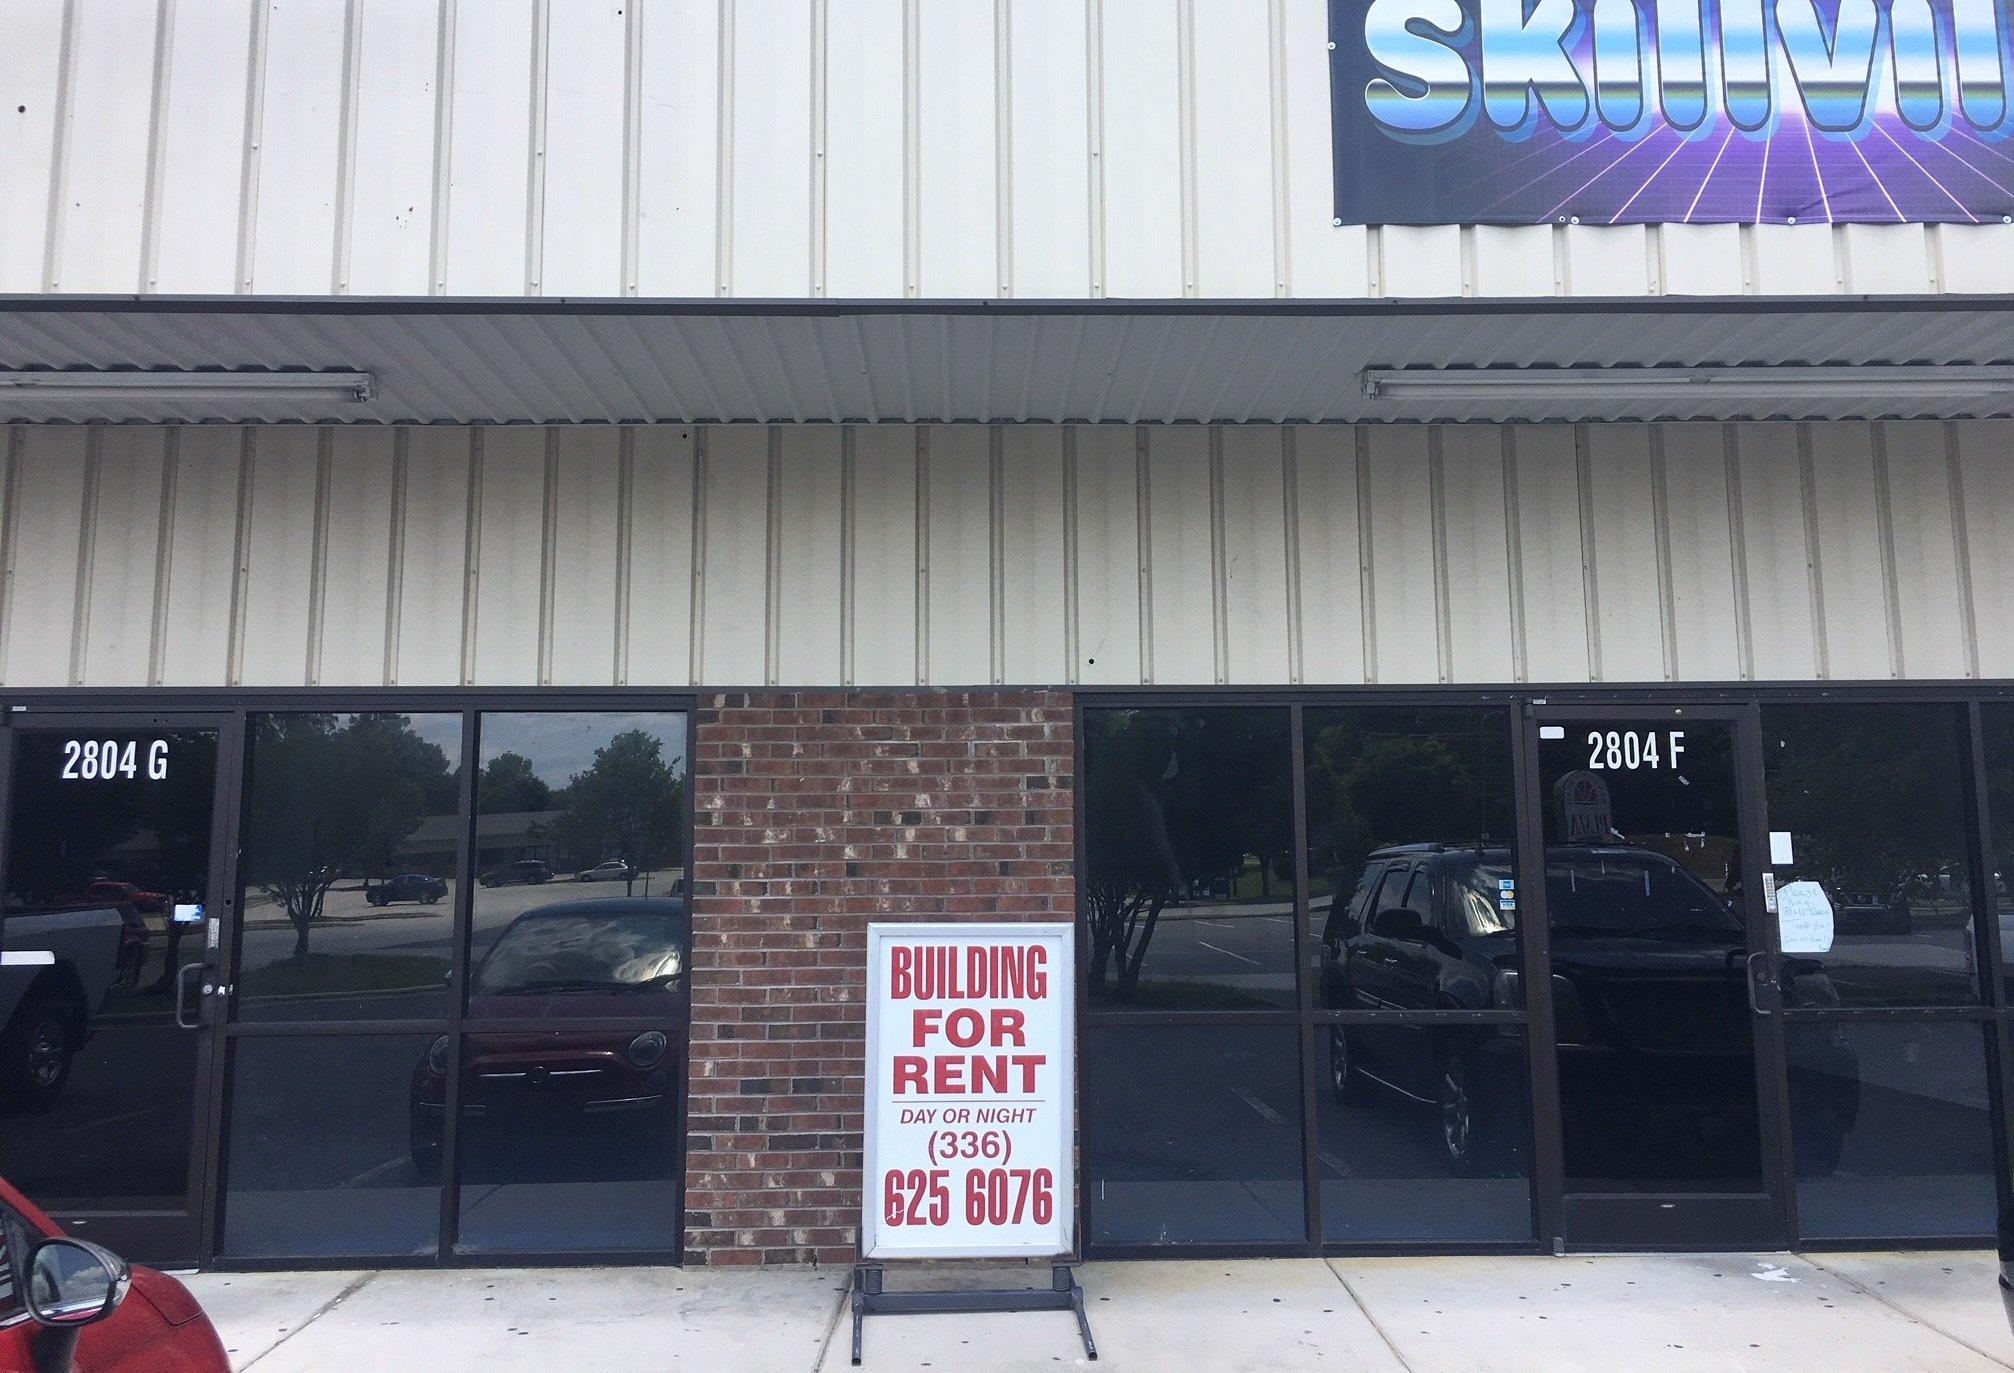 2804 Randleman Road, Greensboro NC 27406 Unit T